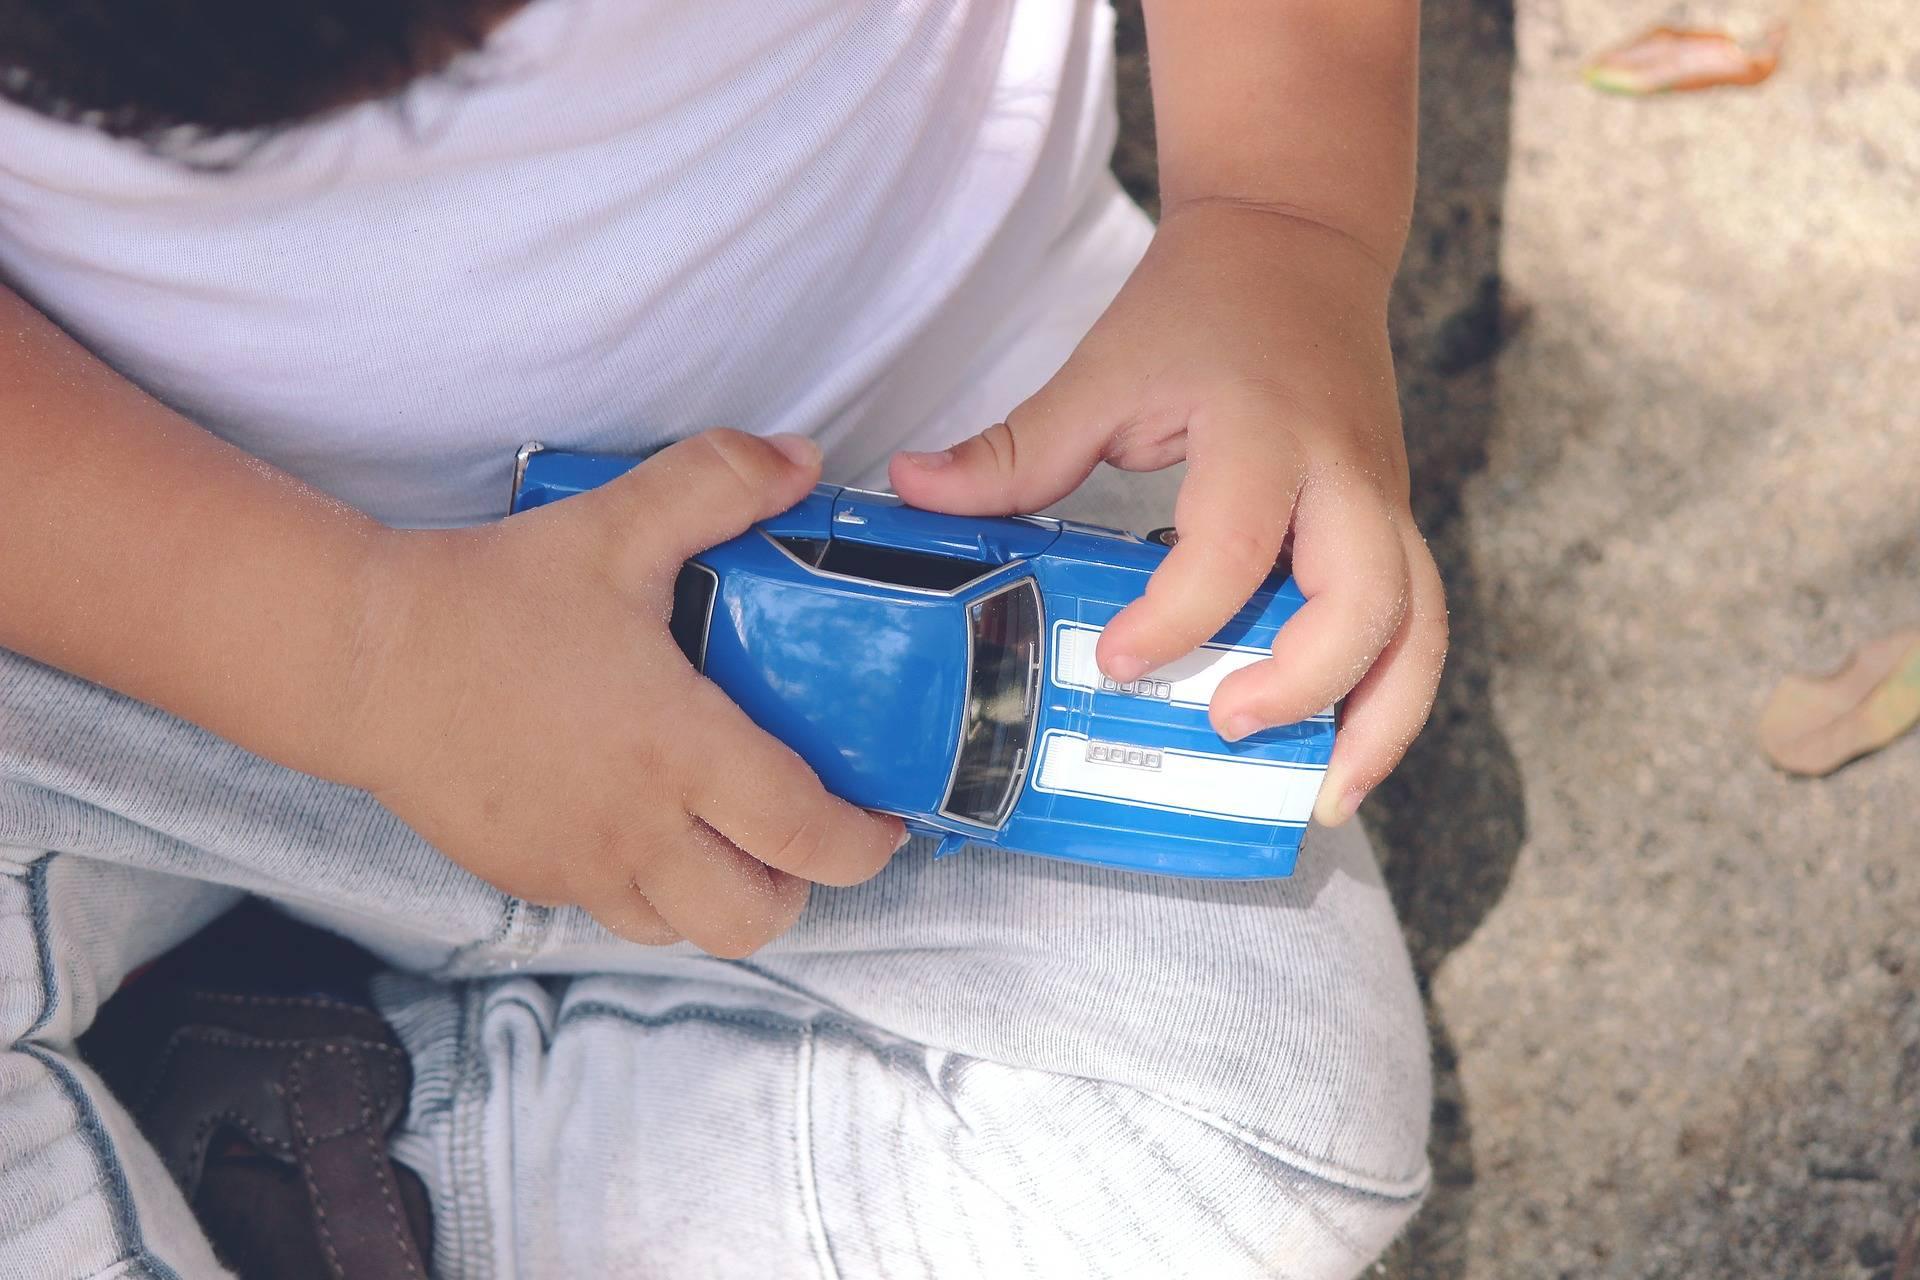 www.juicysantos.com.br - meu filho é autista e a escola não aceita sua matrícula